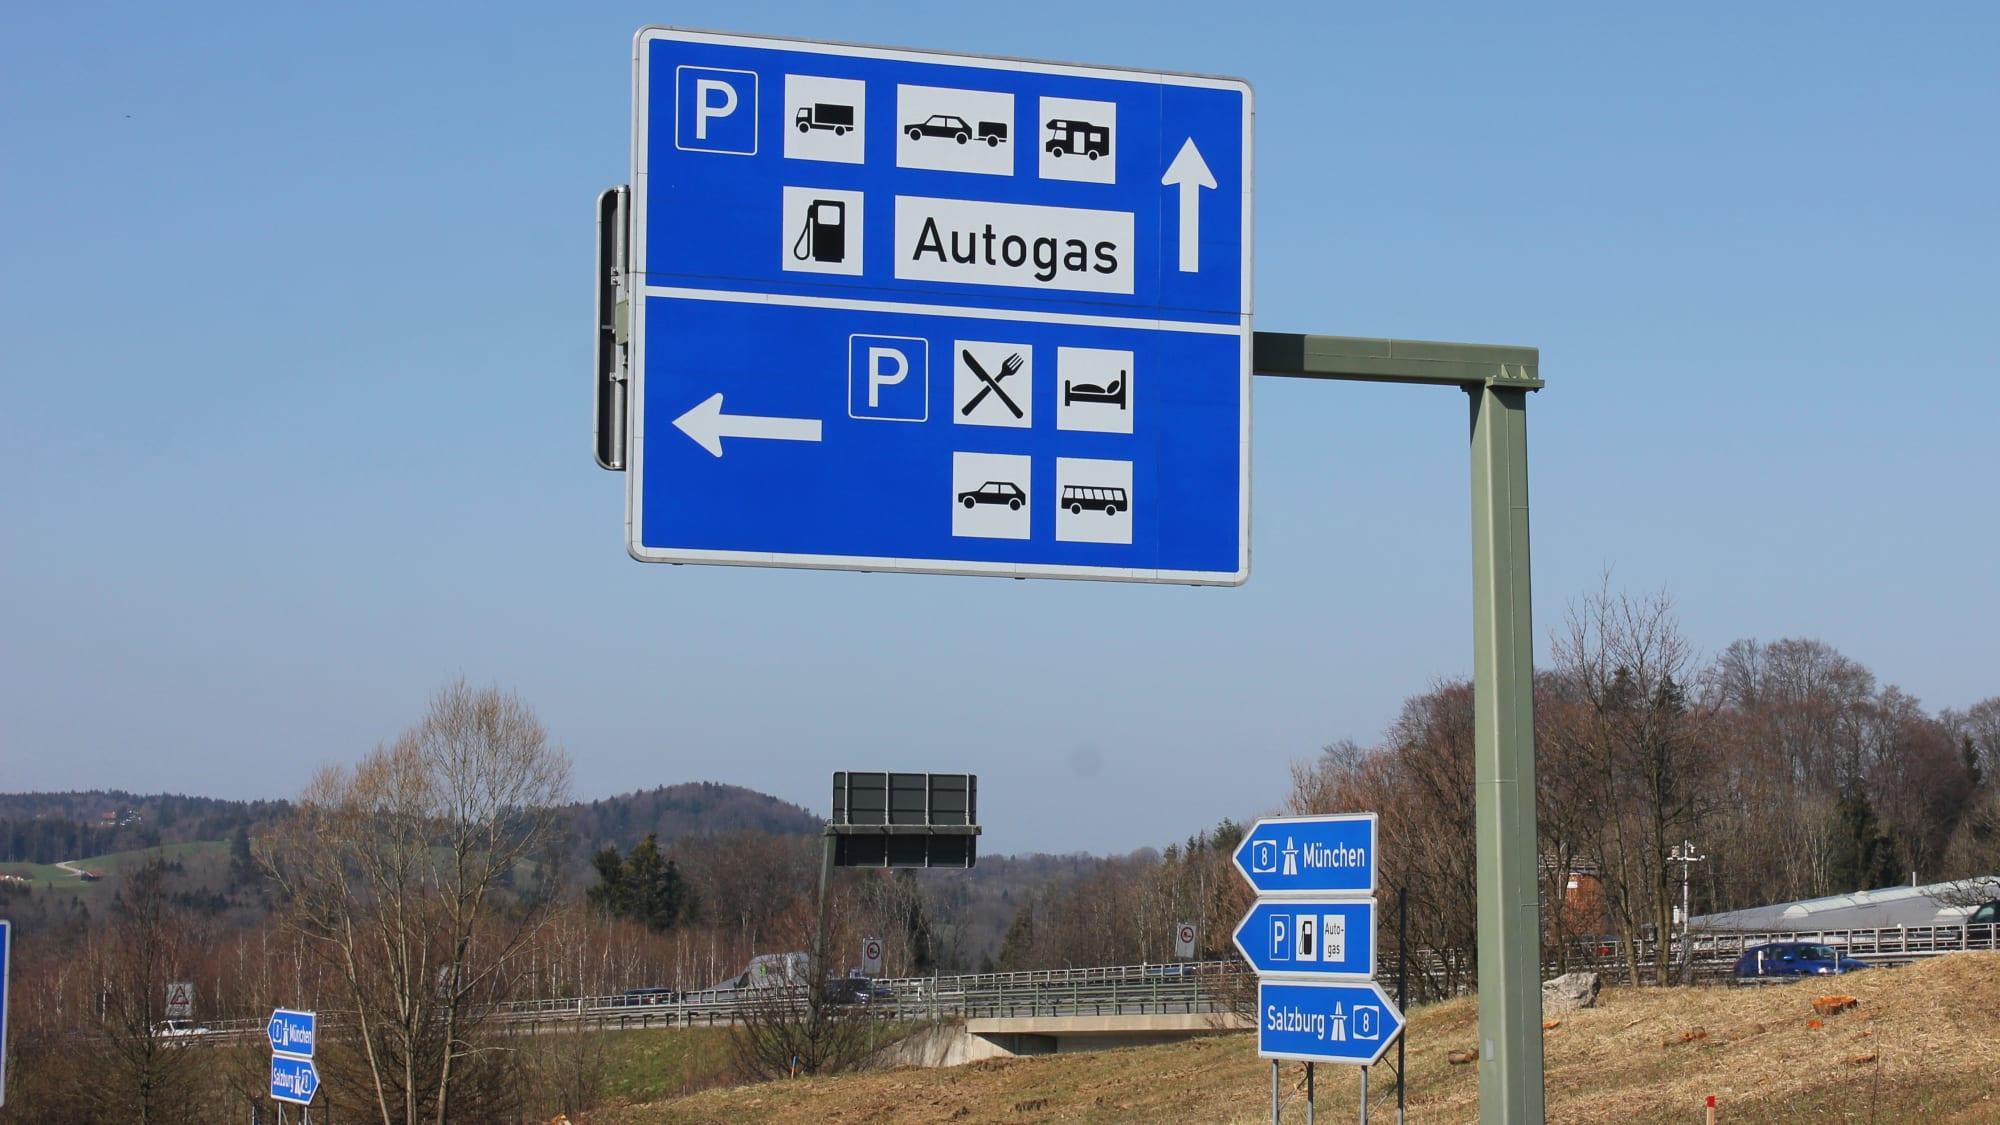 Autobahnschilder auf der Autobahn